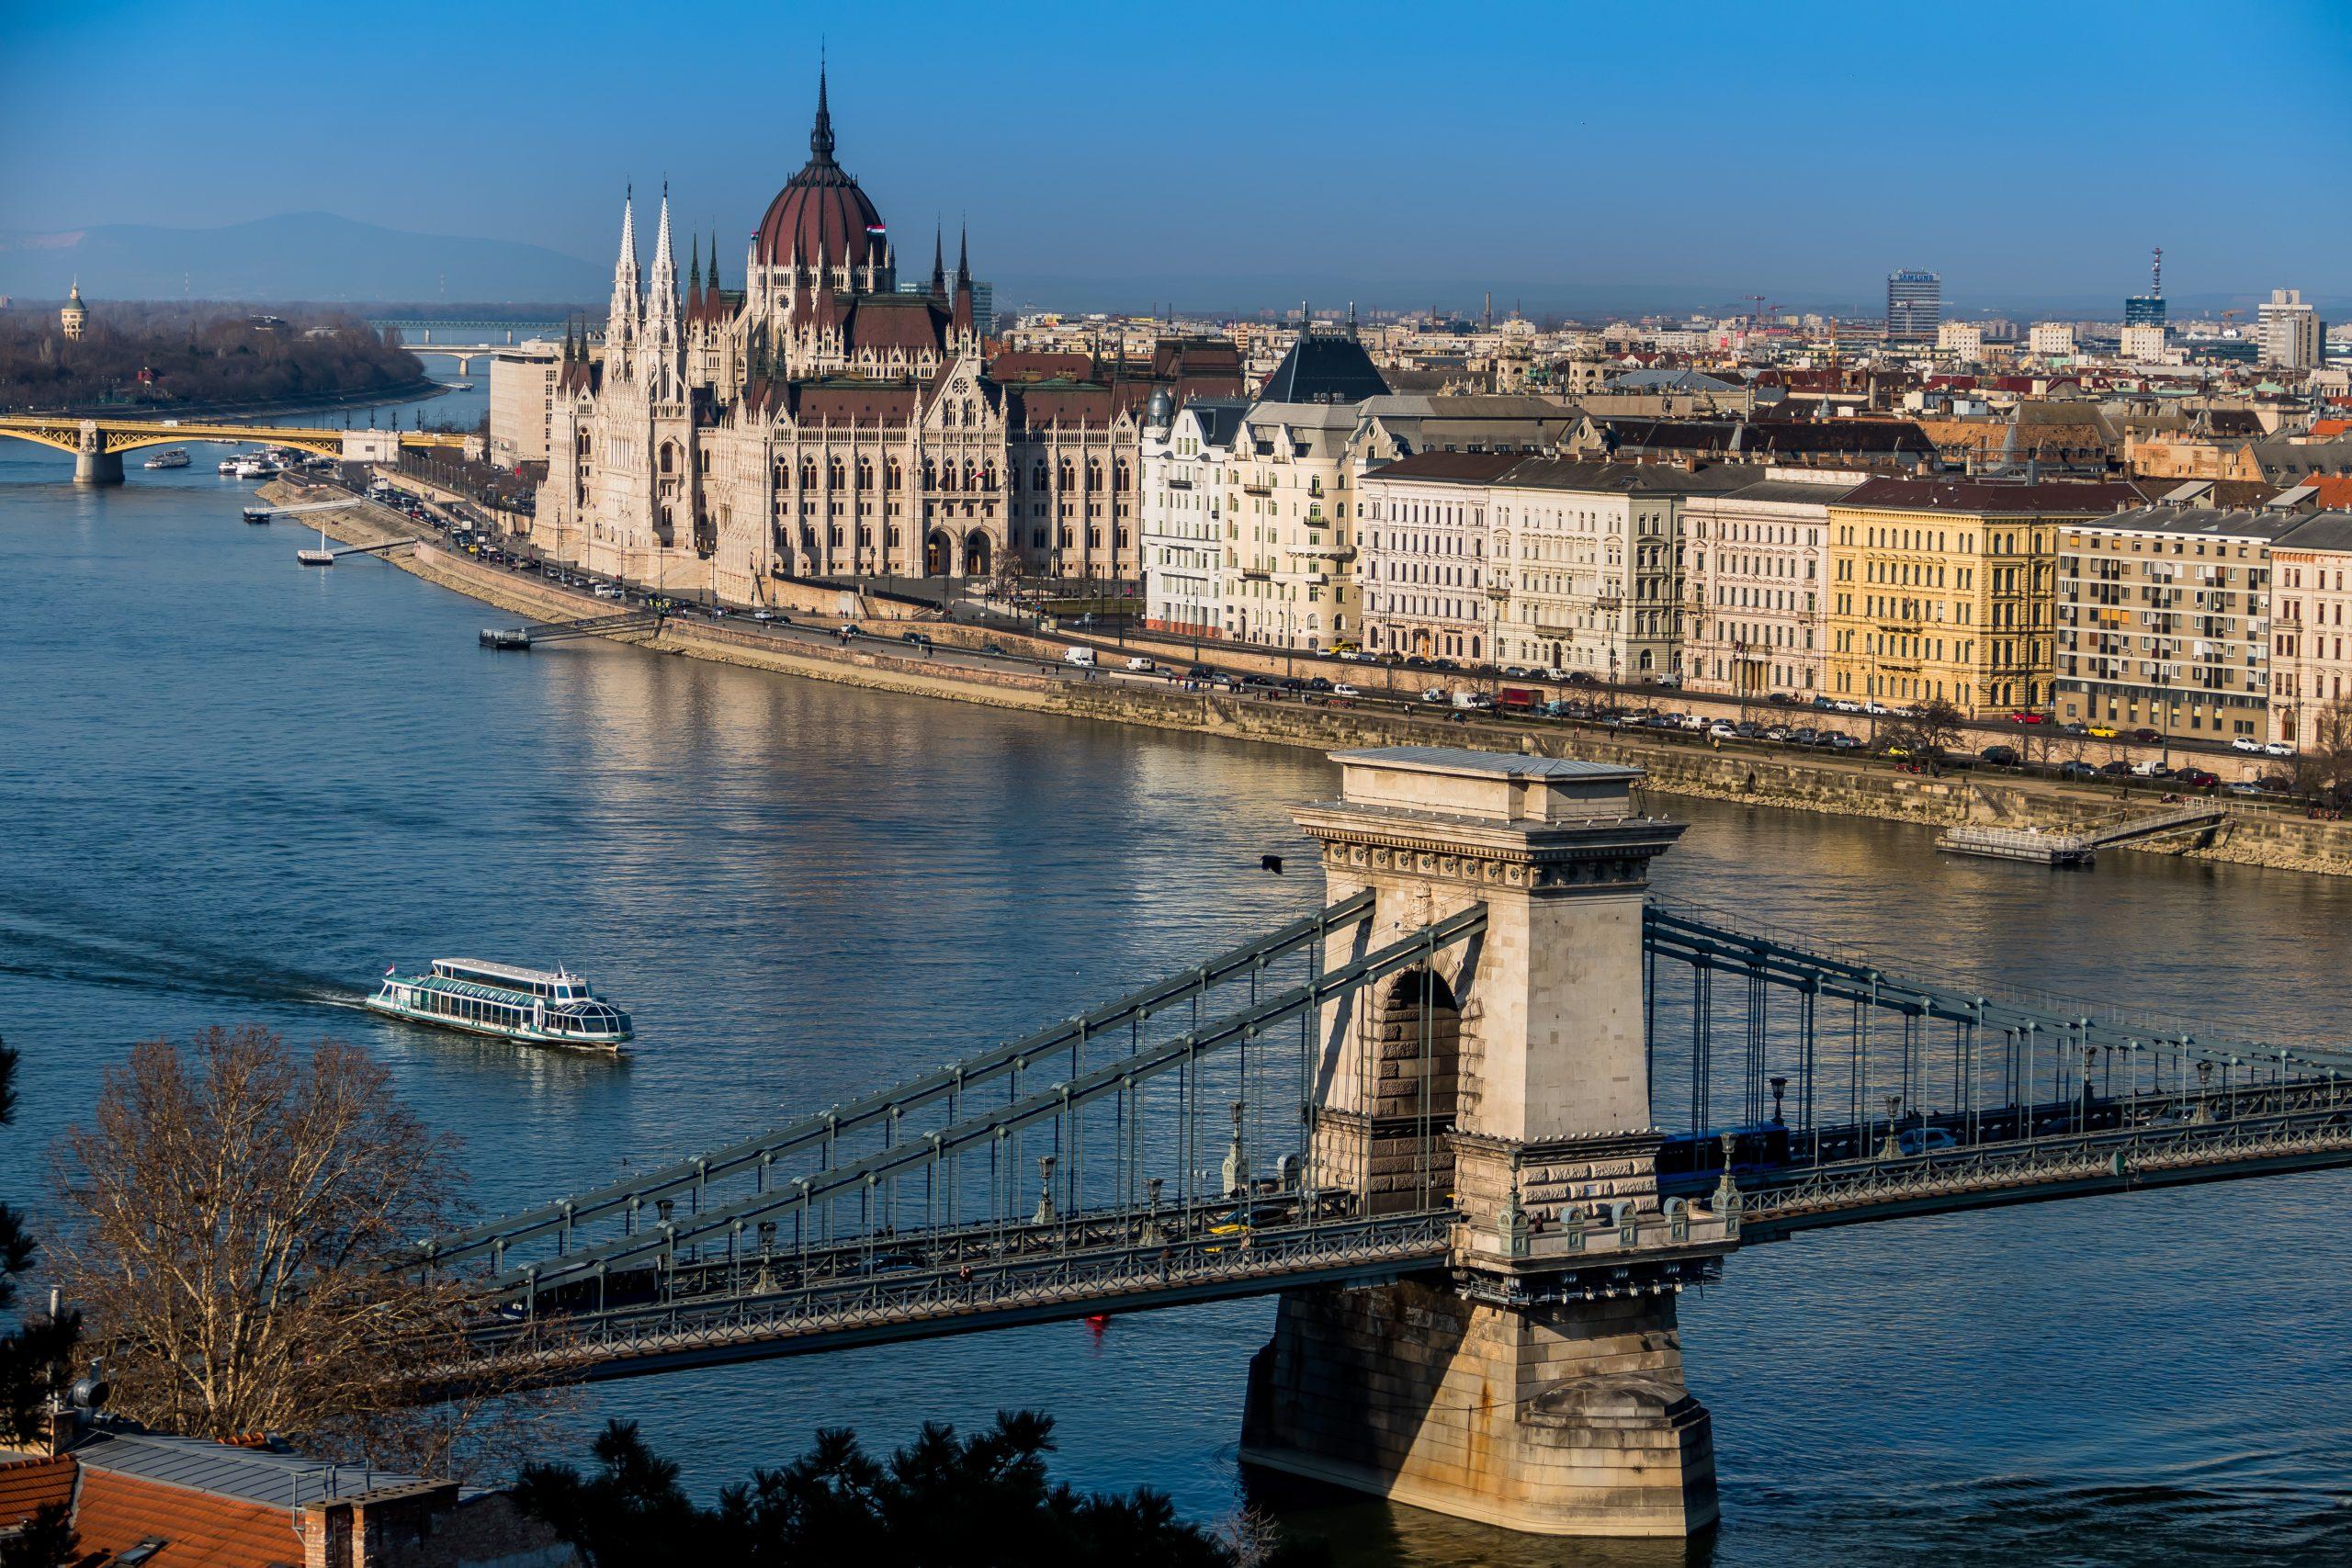 Ungarn, Budapest. Die Kettenbrücke und das Parlament sind Wahrzeichen der ungarischen Hauptstadt.